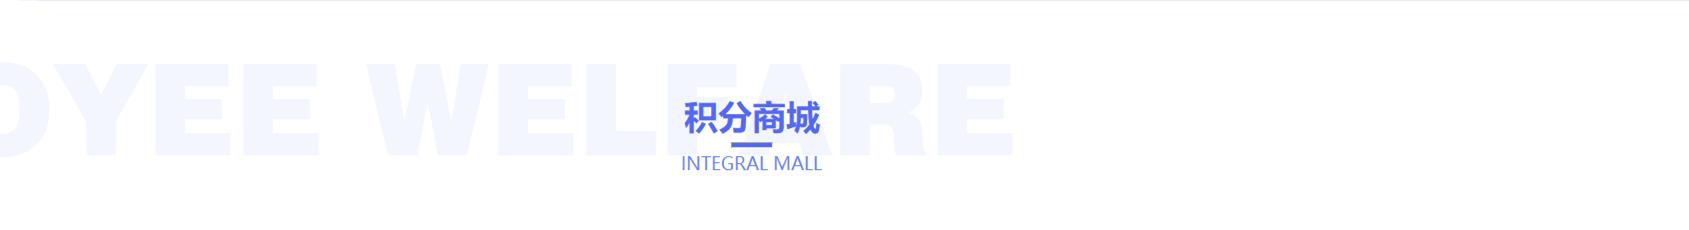 积分商城_副本.png